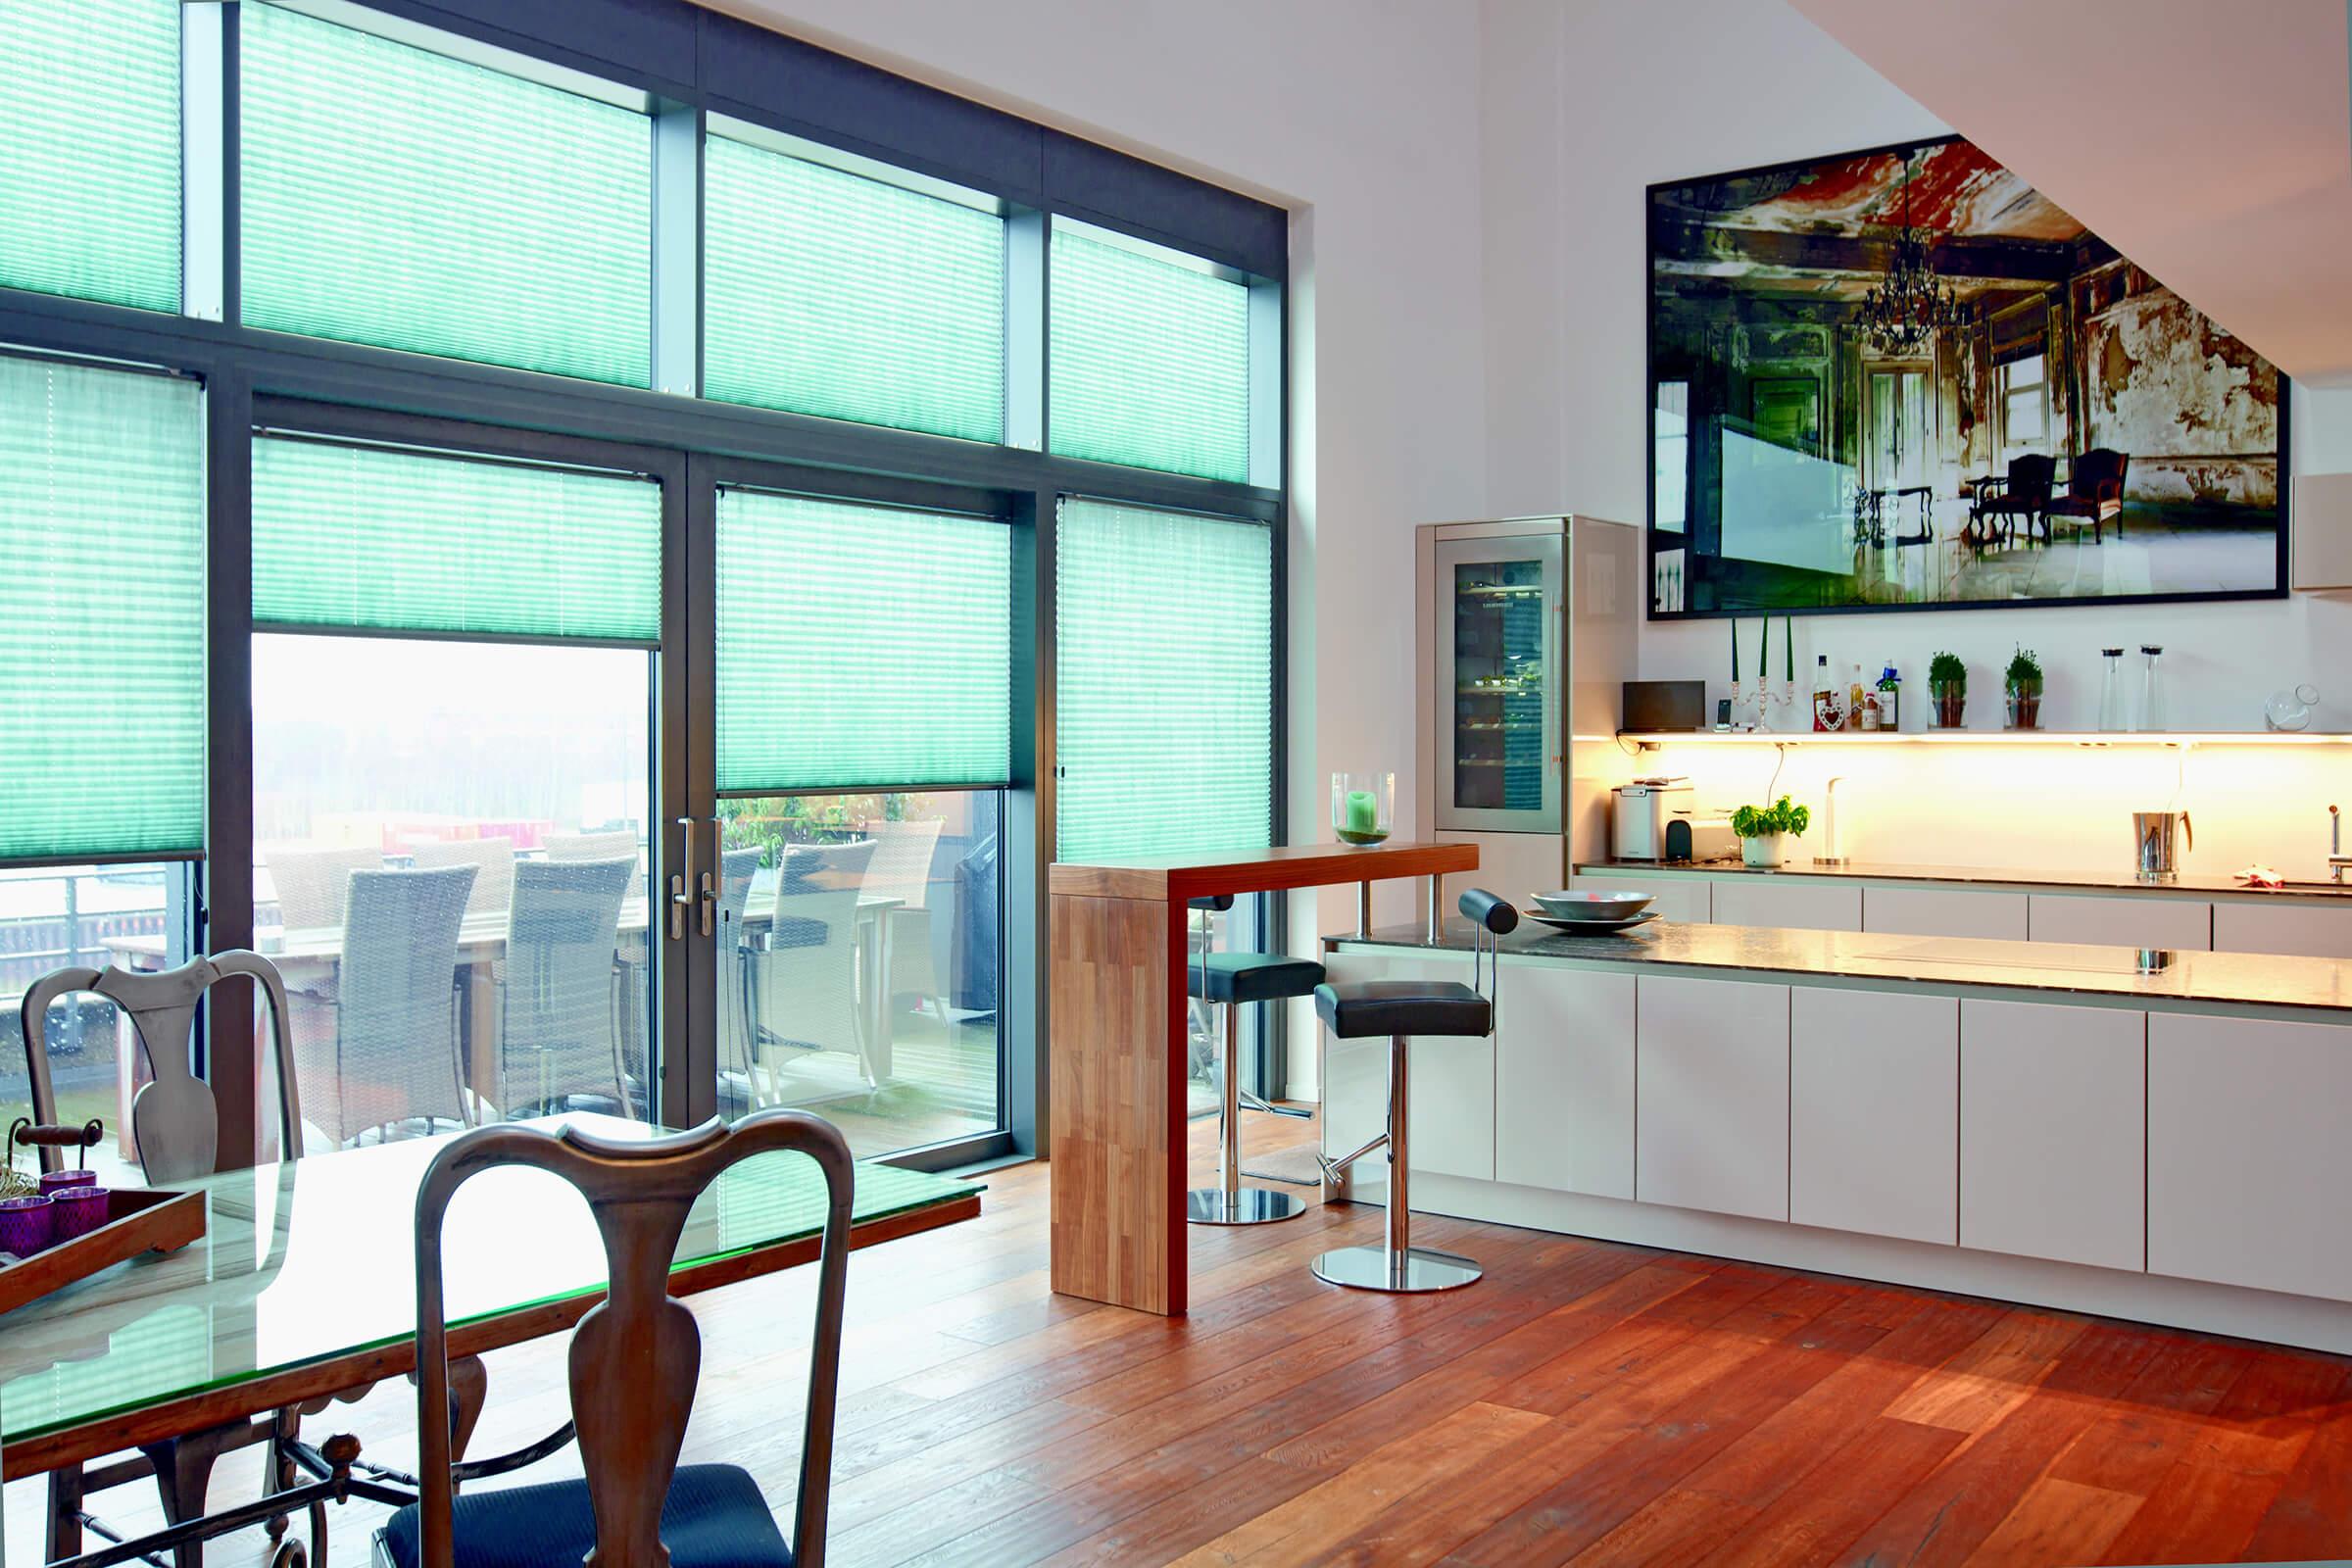 blickdichte plissees sichtschutz plissee. Black Bedroom Furniture Sets. Home Design Ideas